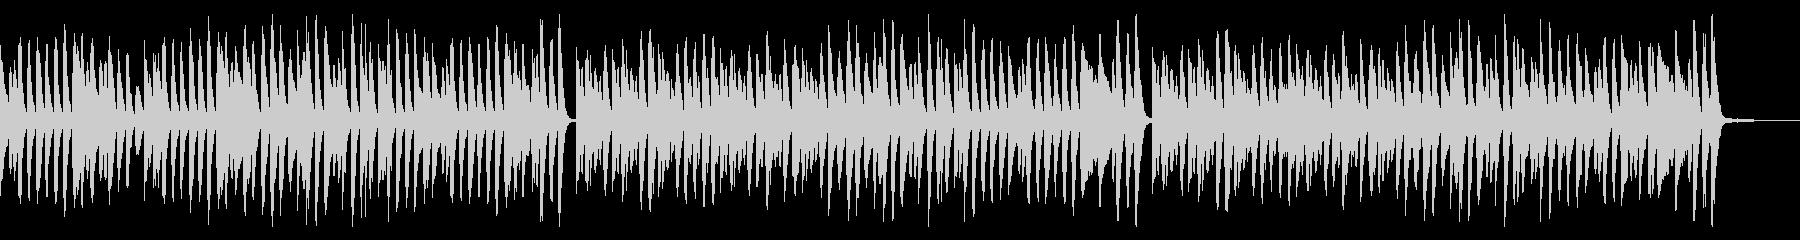 クリスマス定番曲のラグタイムアレンジの未再生の波形